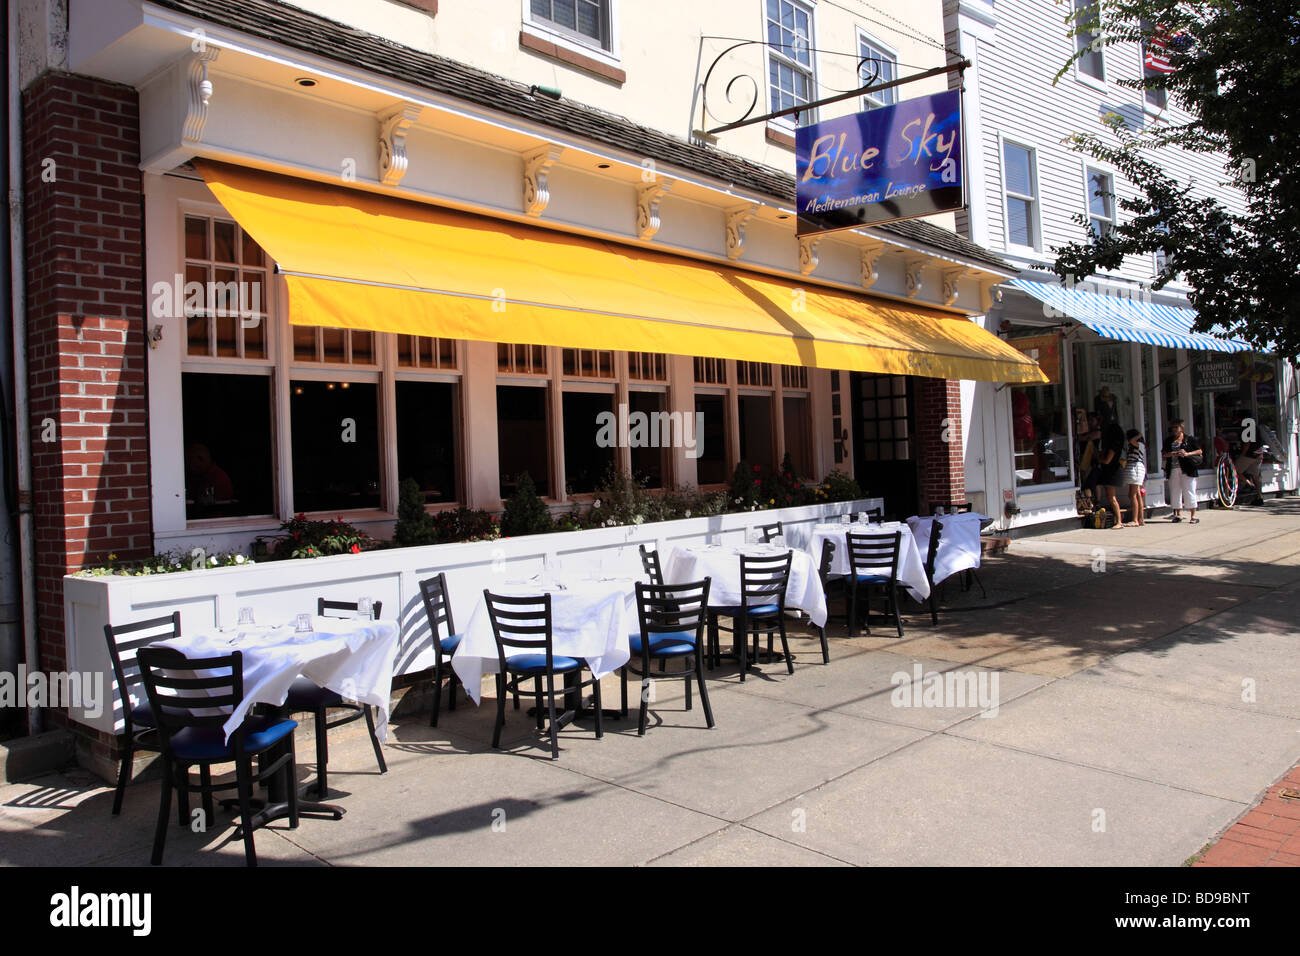 The Blue Sky Restaurant, Main Street, Sag Harbor, Long Island NY - Stock Image